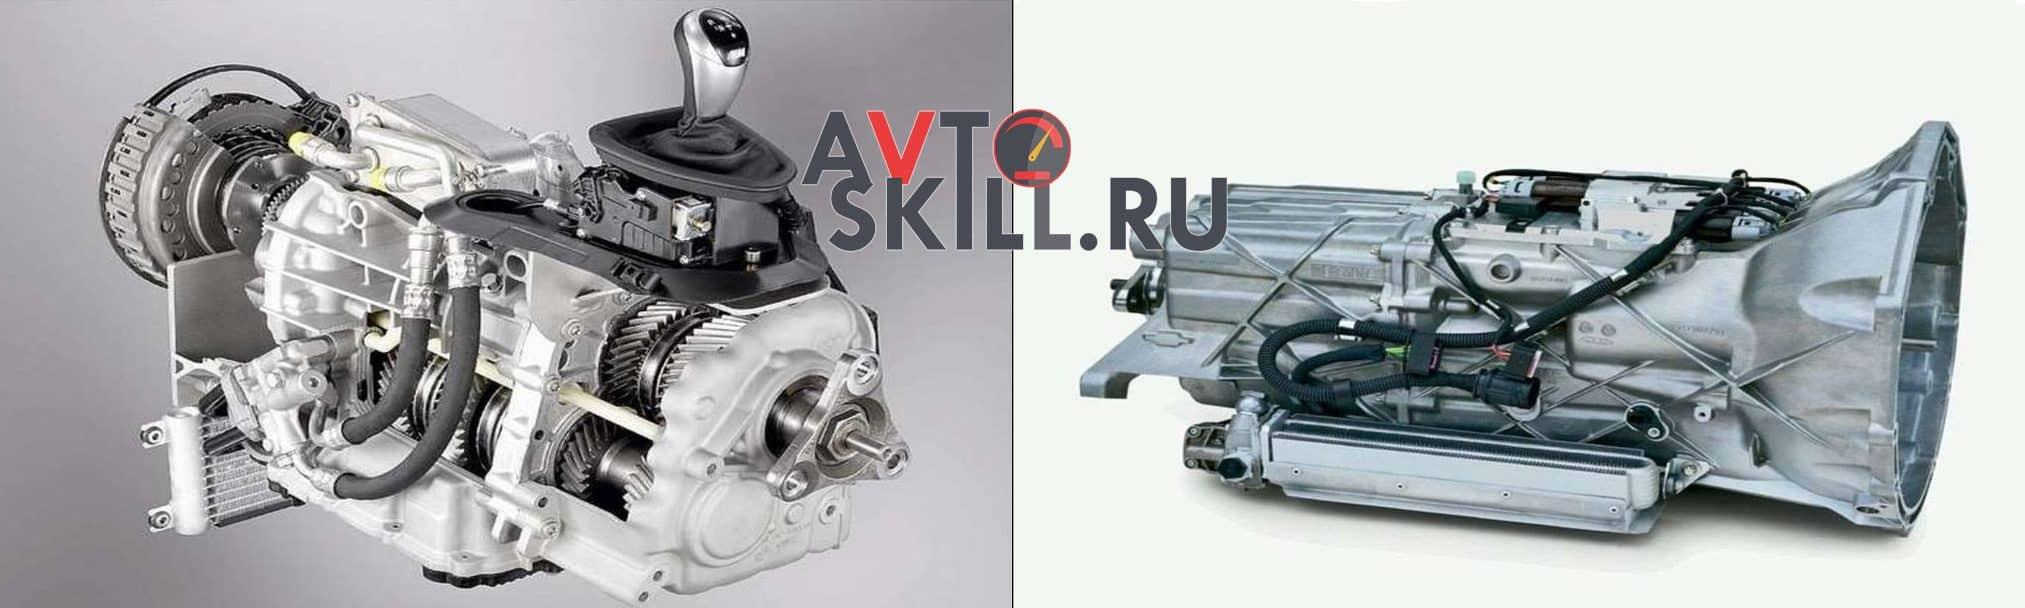 Роботизированная коробка передач | Коробка передач робот или автомат: что лучше